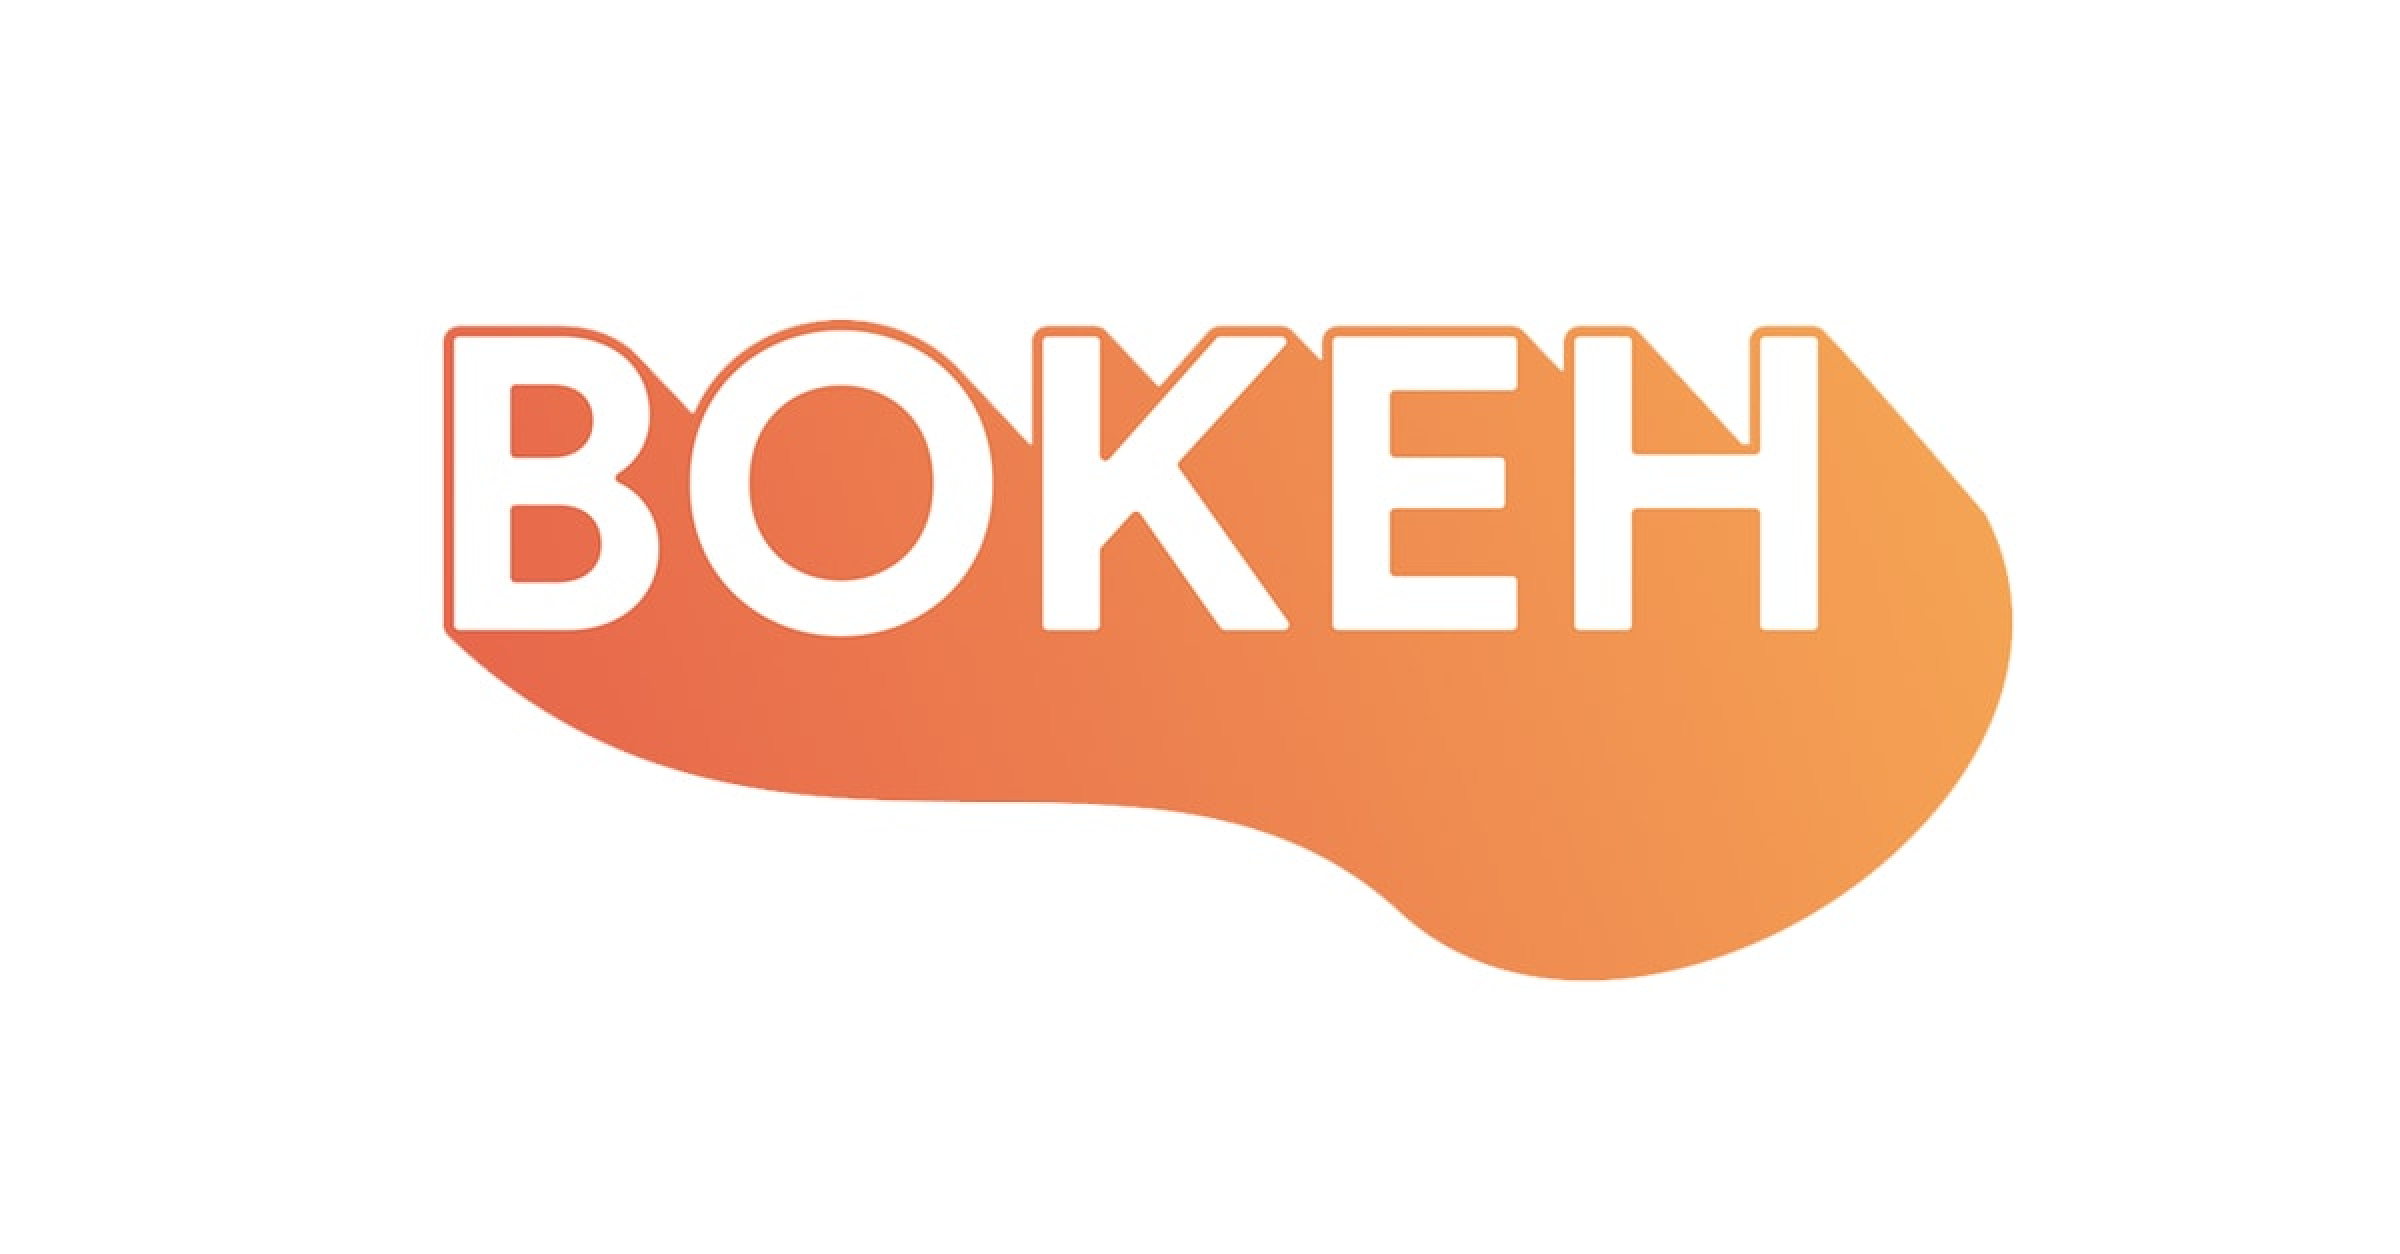 bokeh_facebook.png